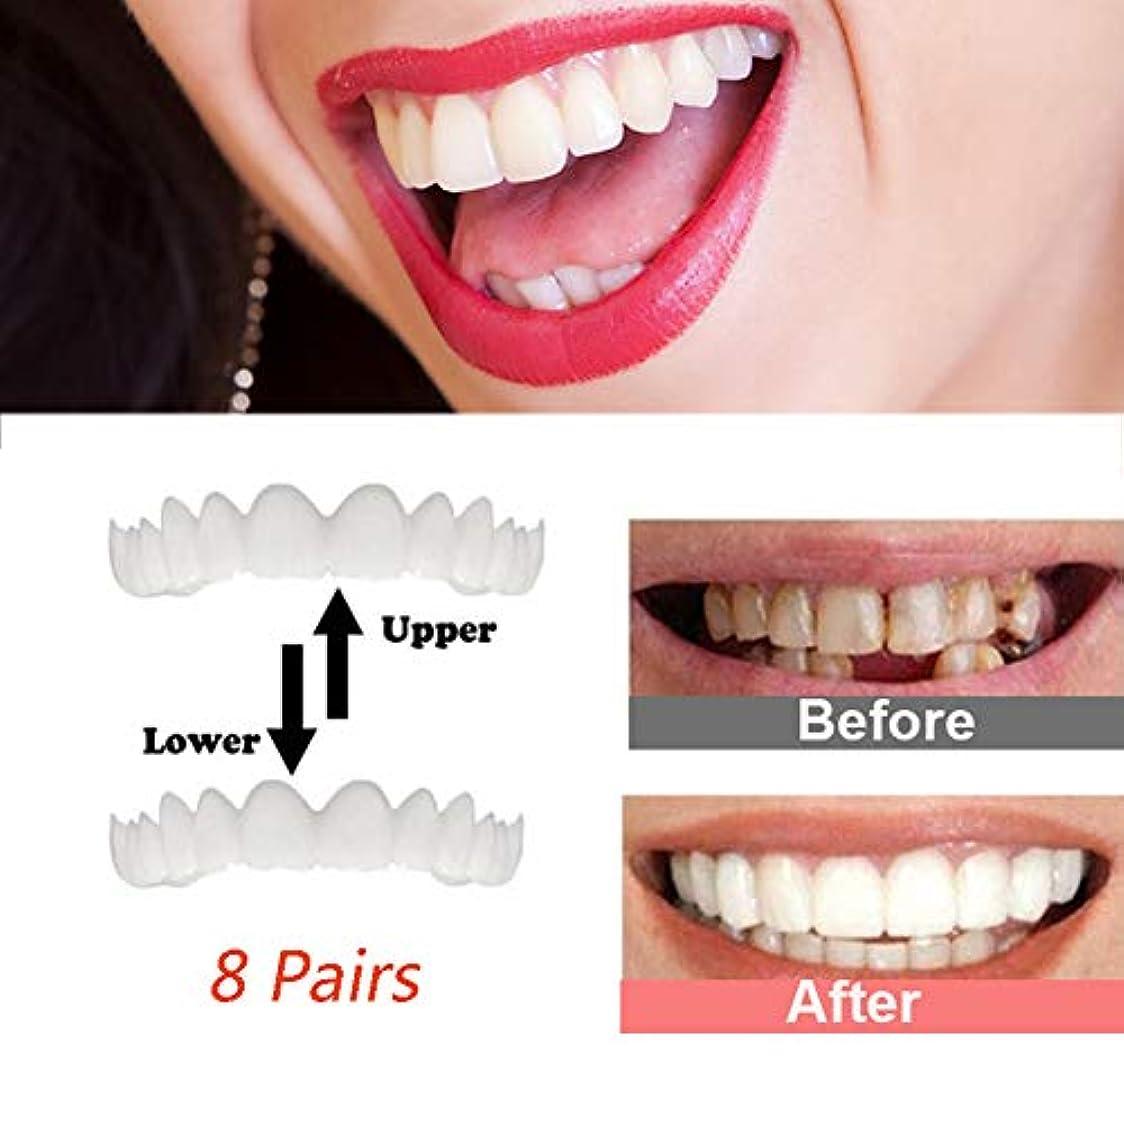 異邦人松明成り立つ8ペア偽の歯のトップとボトムテンポラリースマイルコンフォートフィット化粧品義歯義歯快適なオーラルケアツール(上+下)